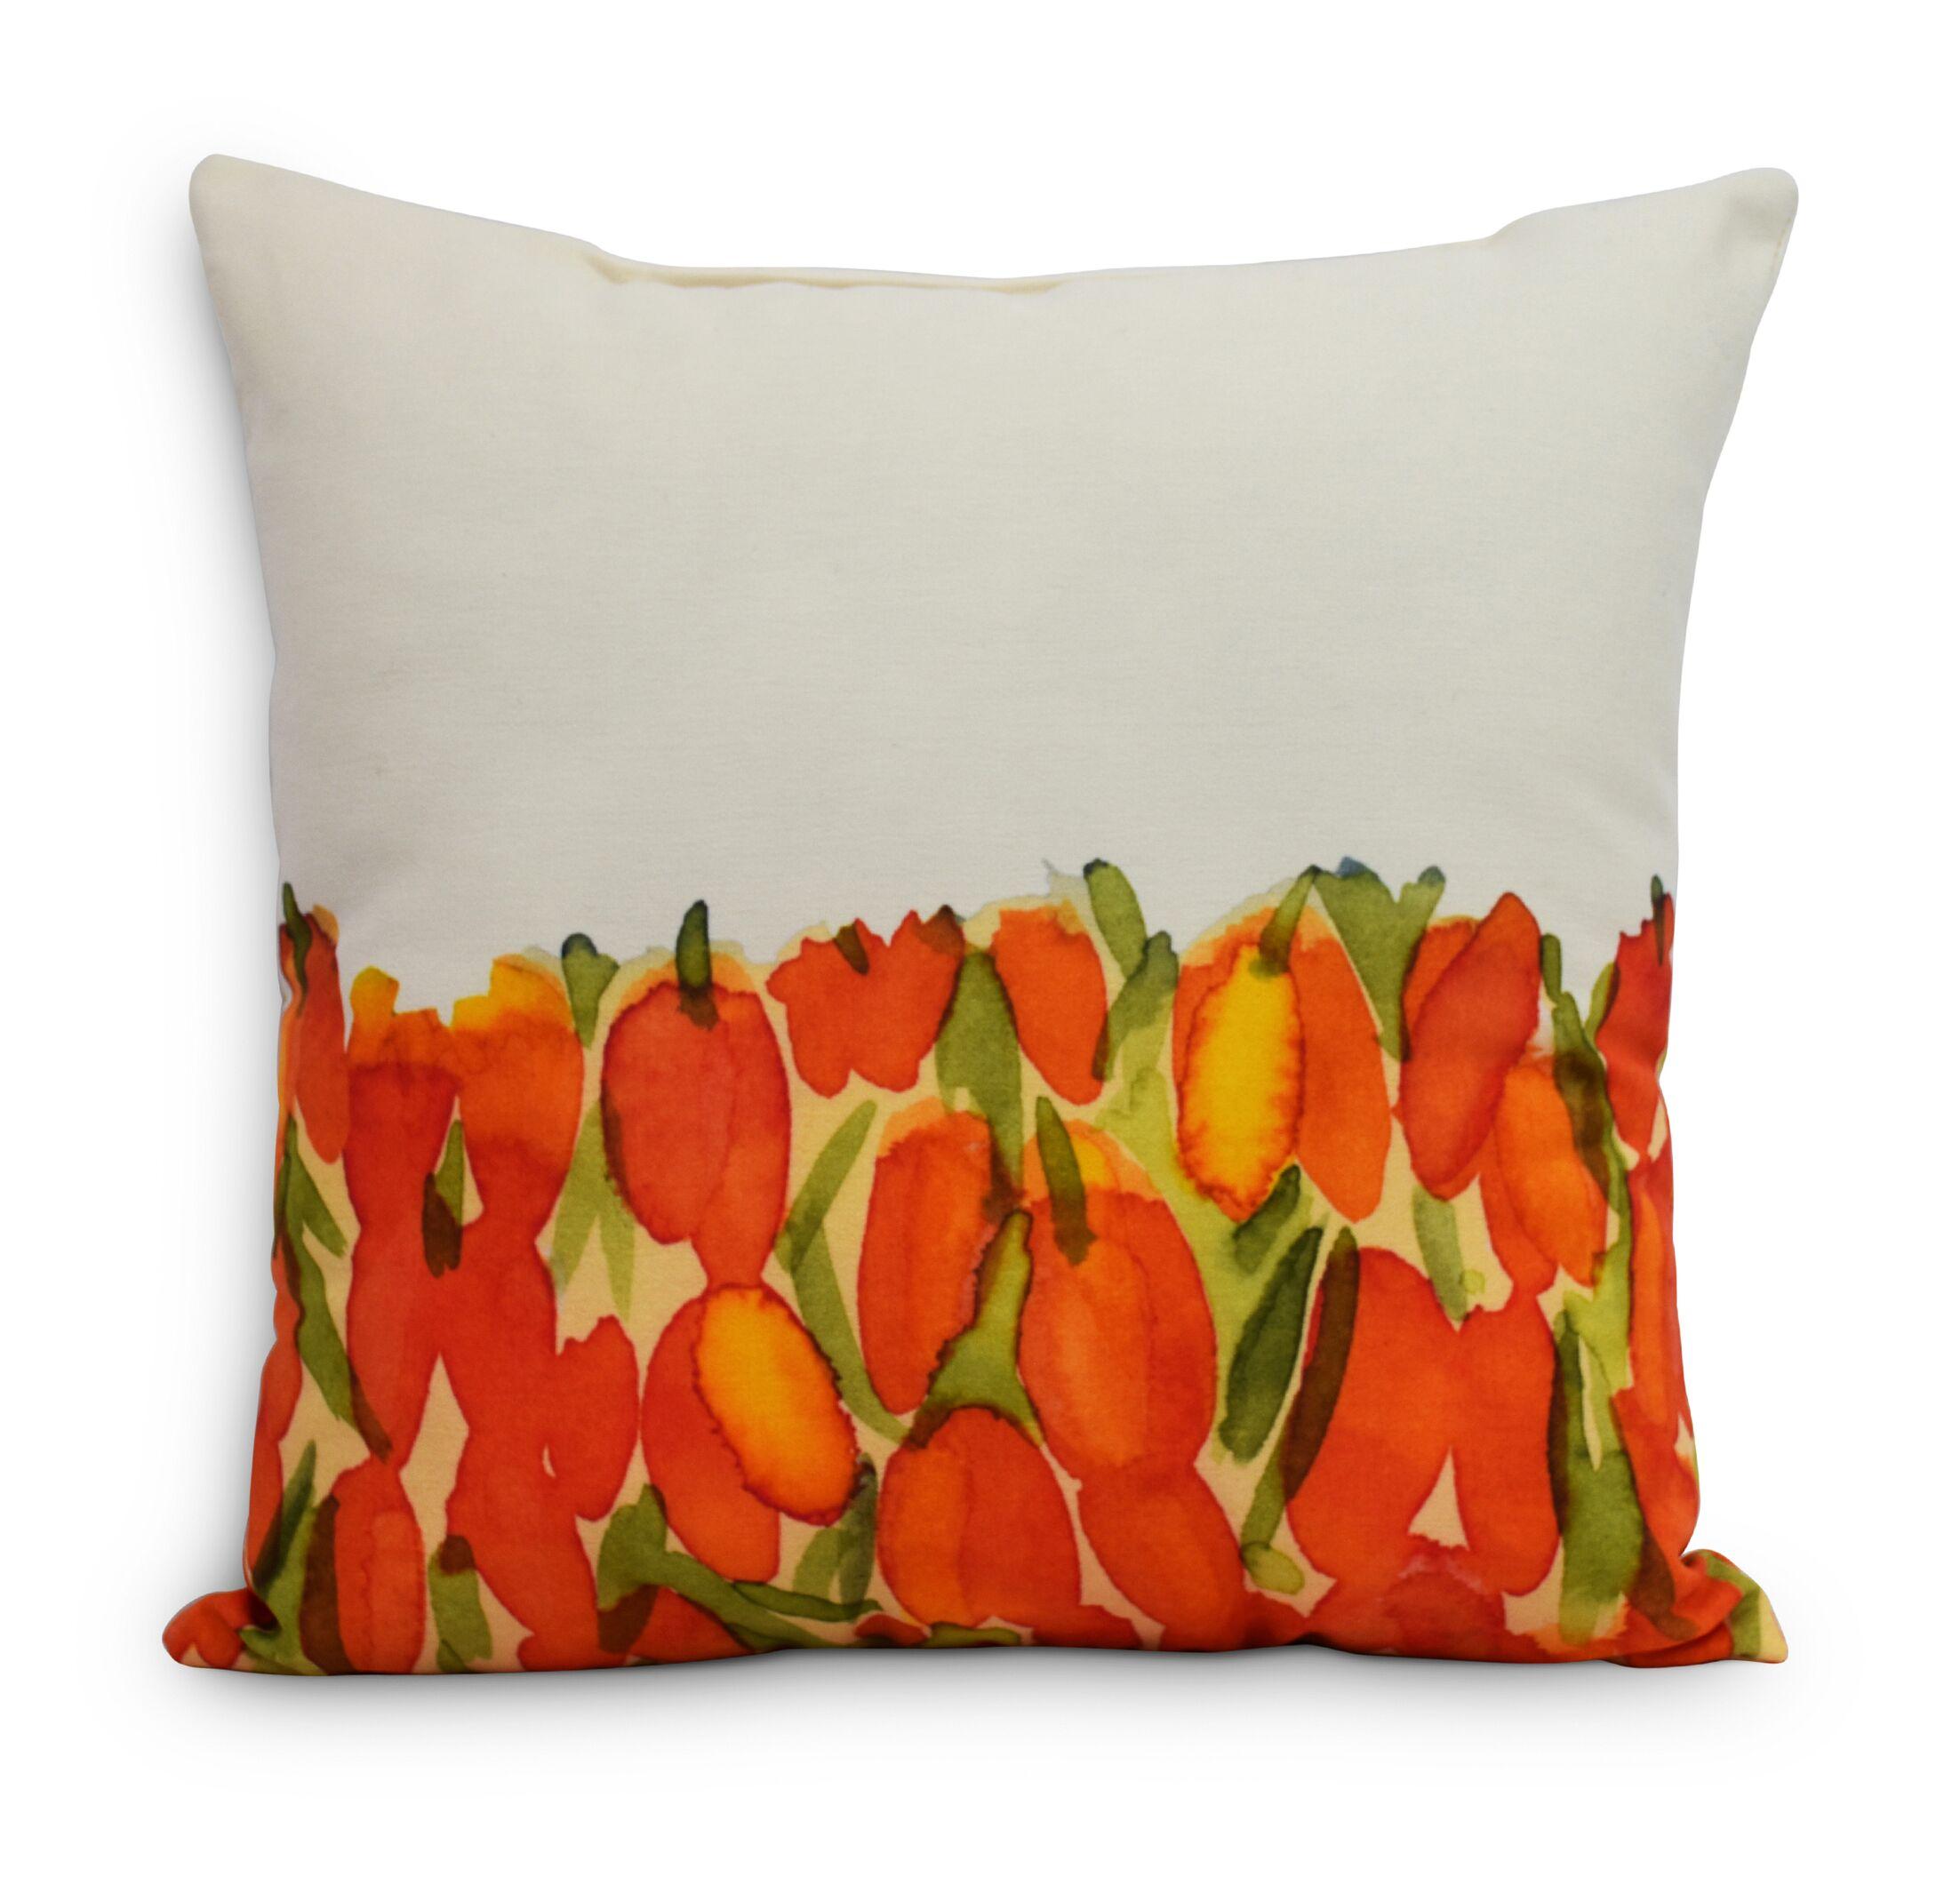 Quast Tulip Throw Pillow Color: Orange, Size: Small, Location: Indoor